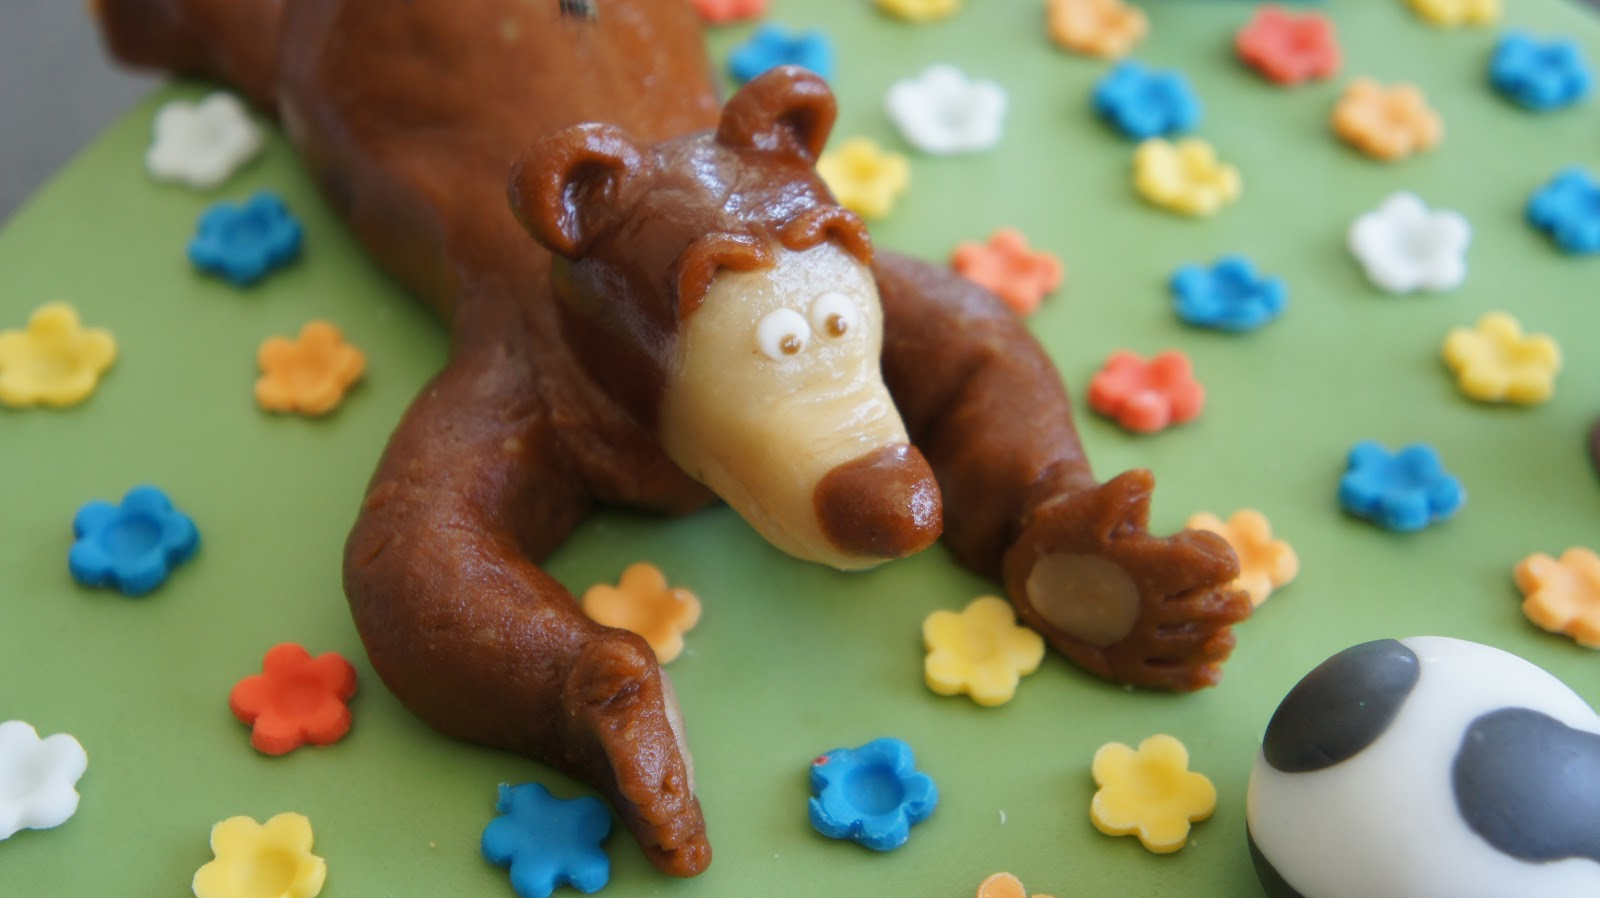 торт с машей и медведем